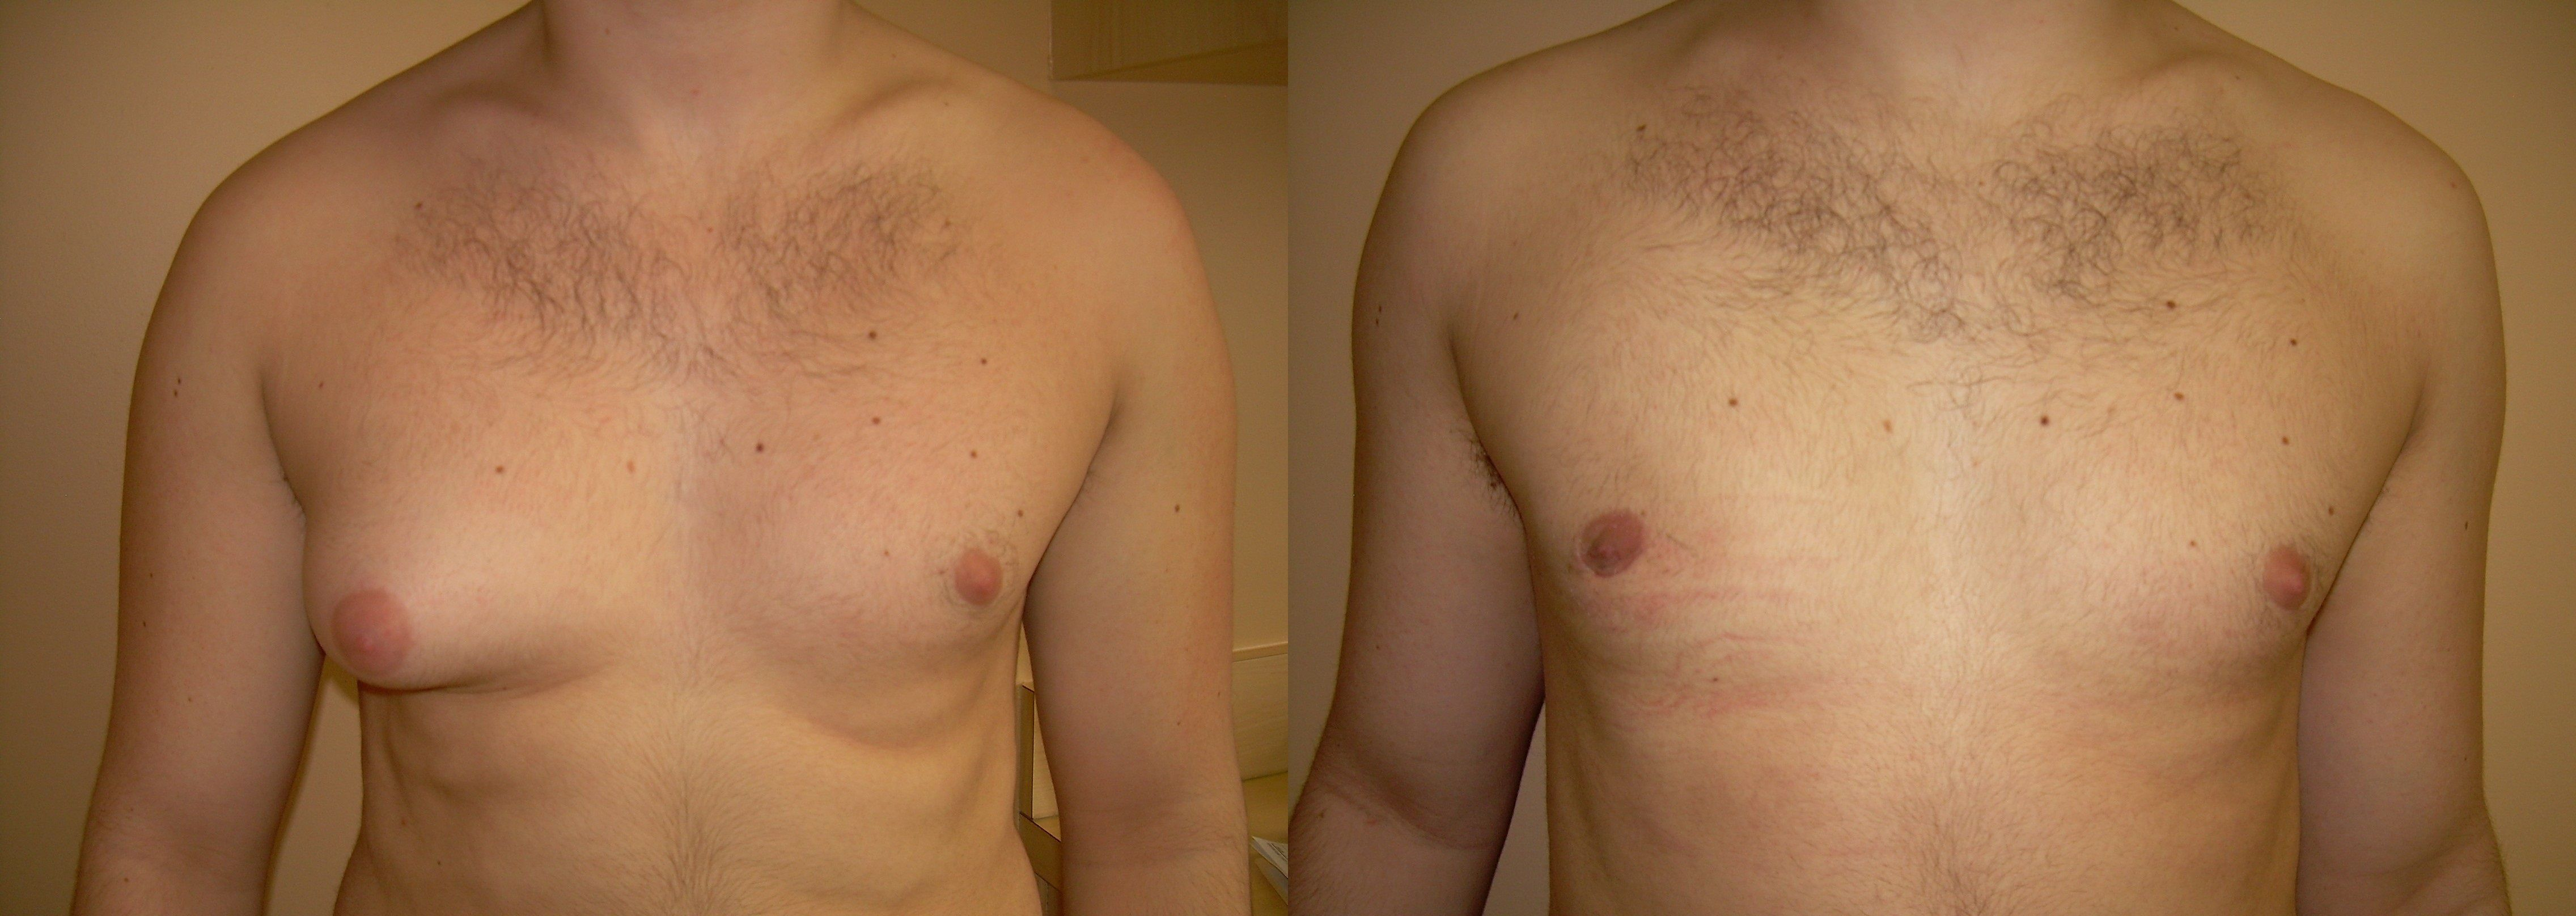 женская грудь у мужчины до и после лечения